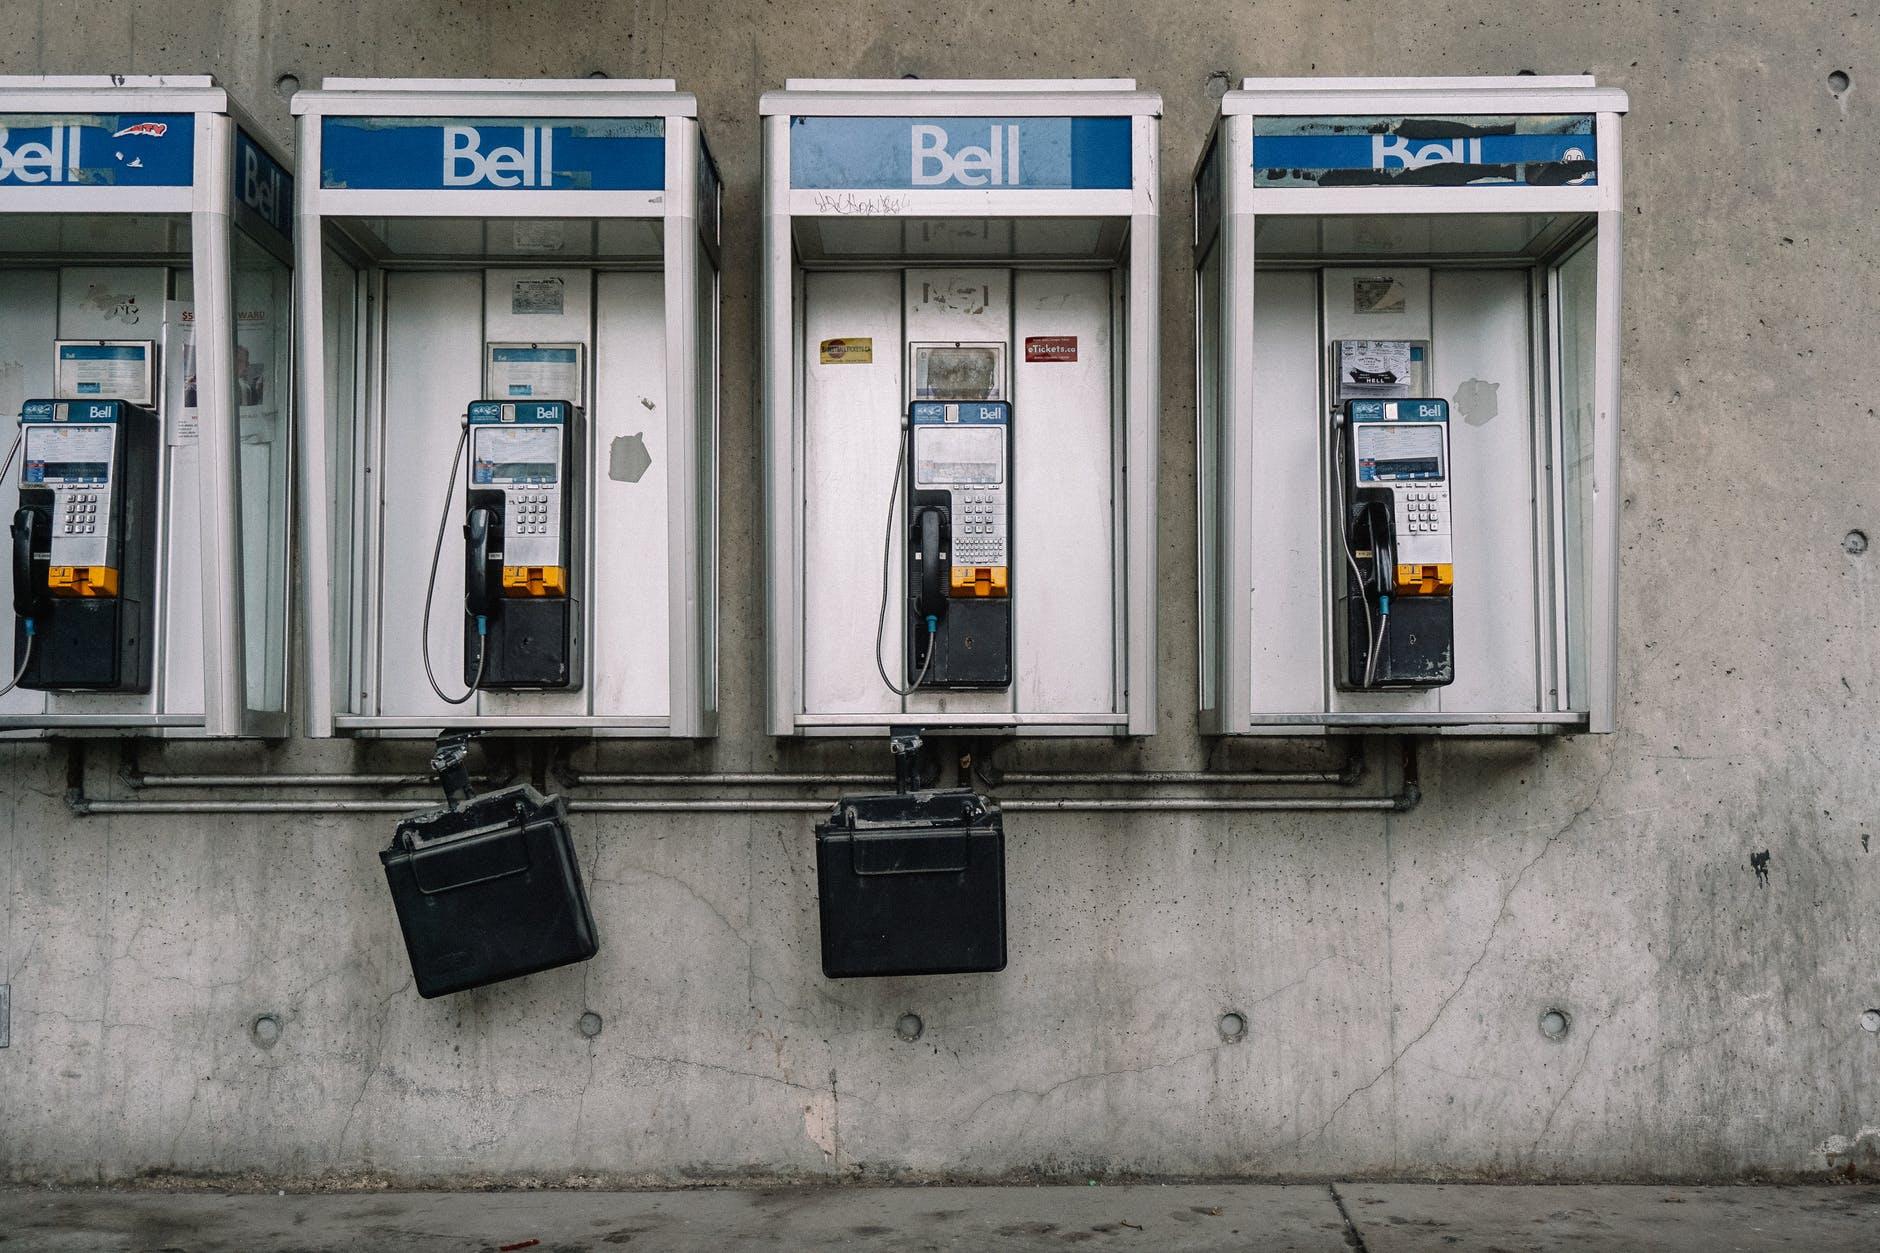 old public phones in city